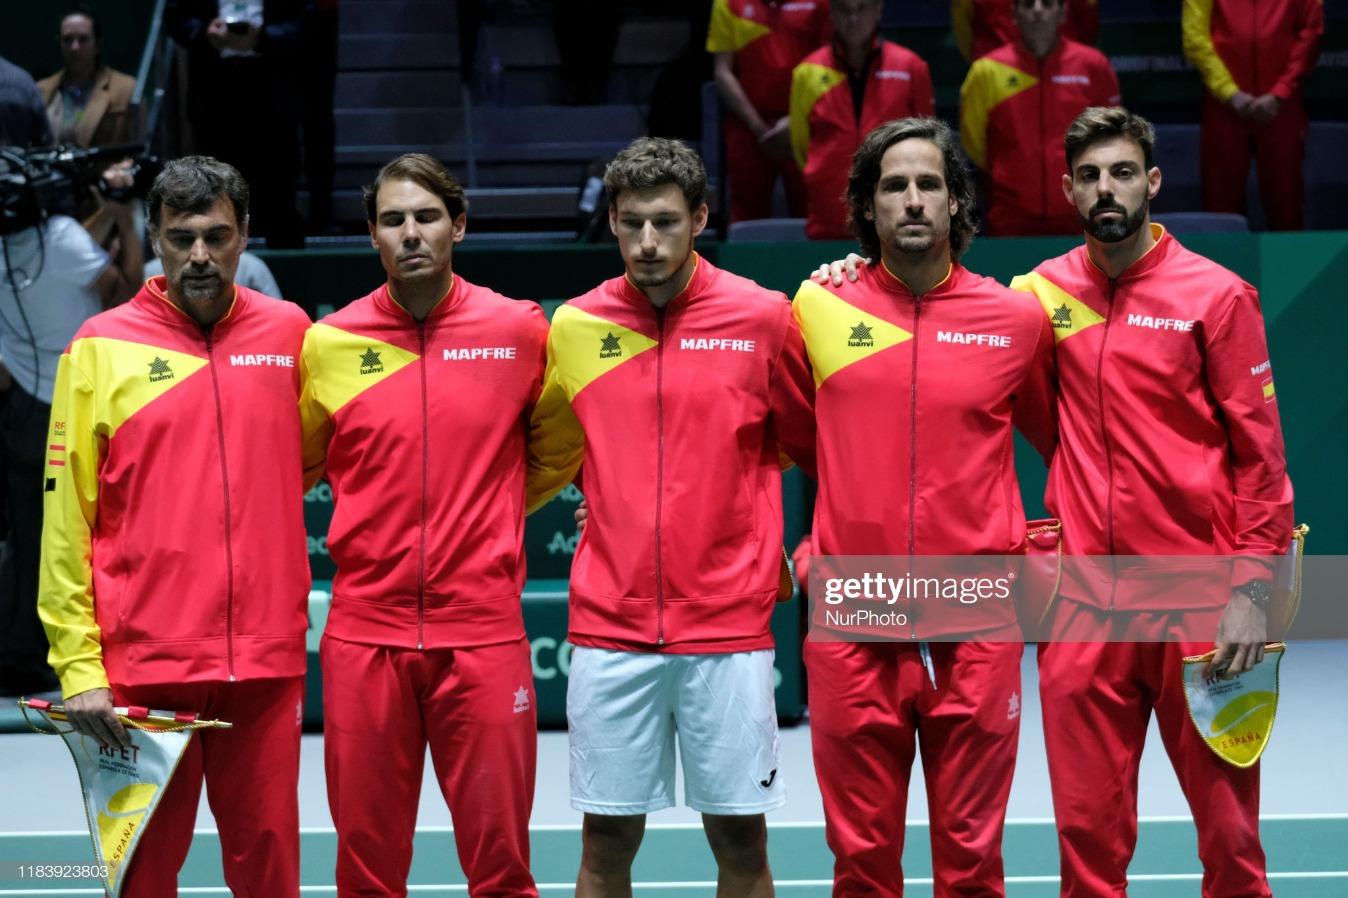 Davis Cup Day 5 - Pablo Carreno v Guido Pella : News Photo